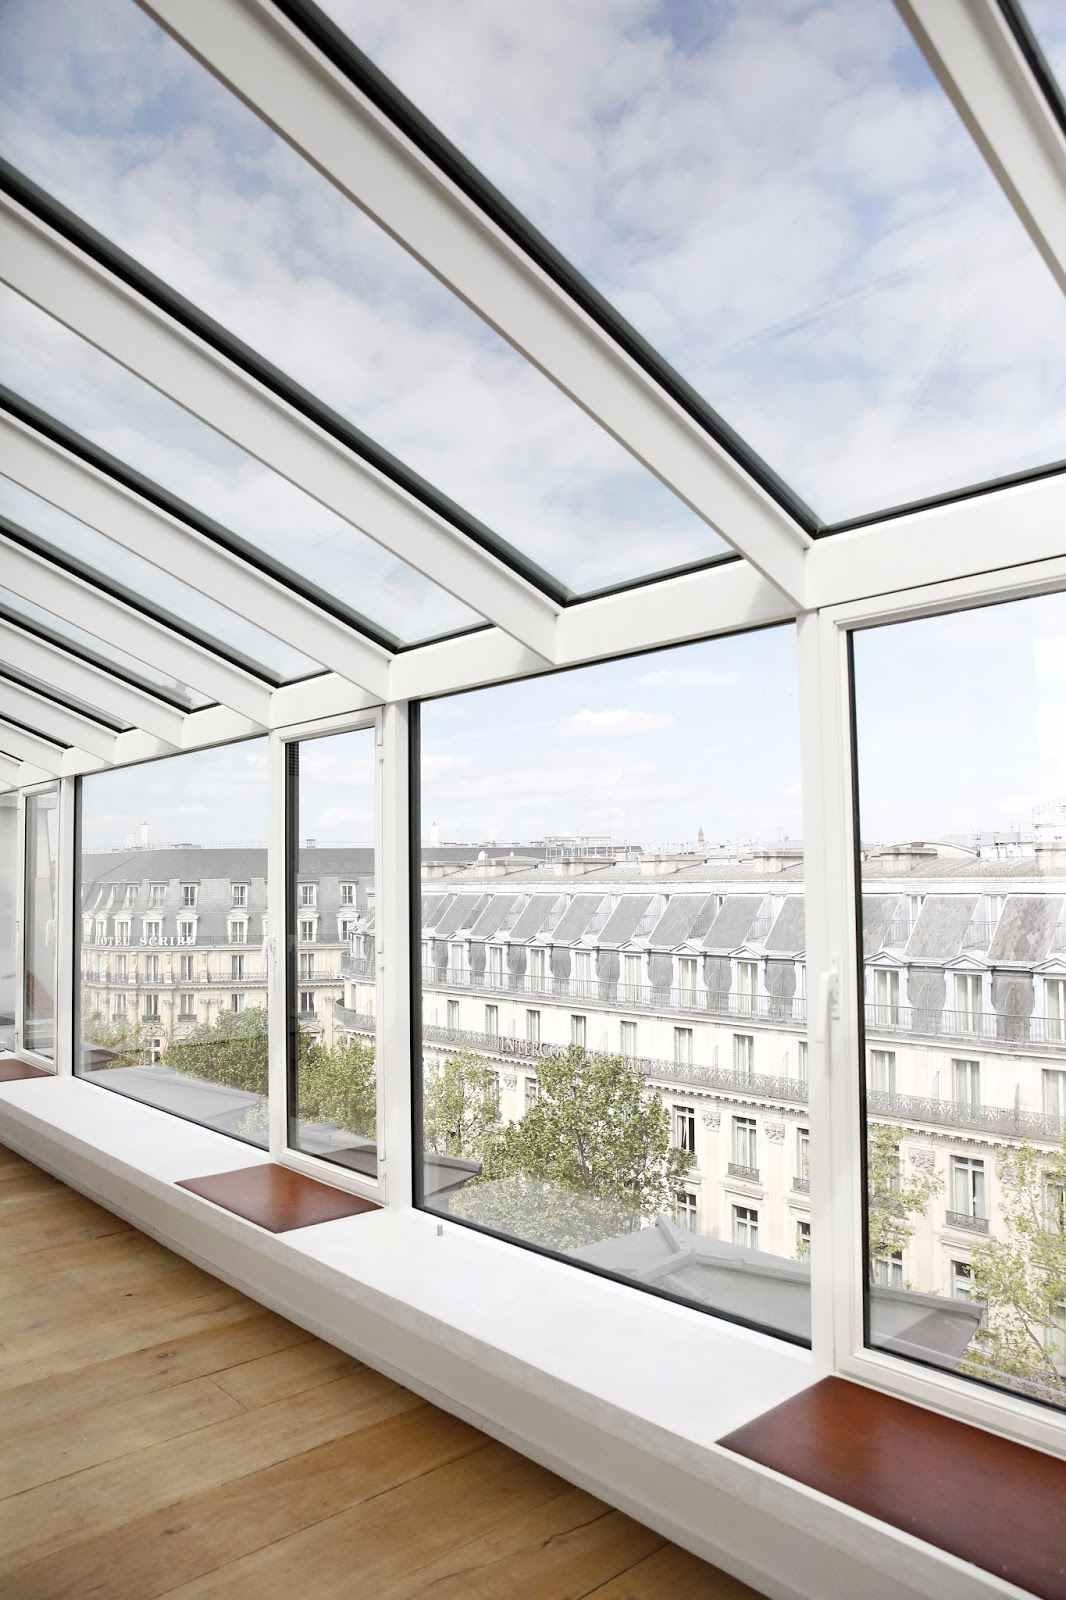 Aproveite a área das grandes janelas para ampliar o visual da paisagem